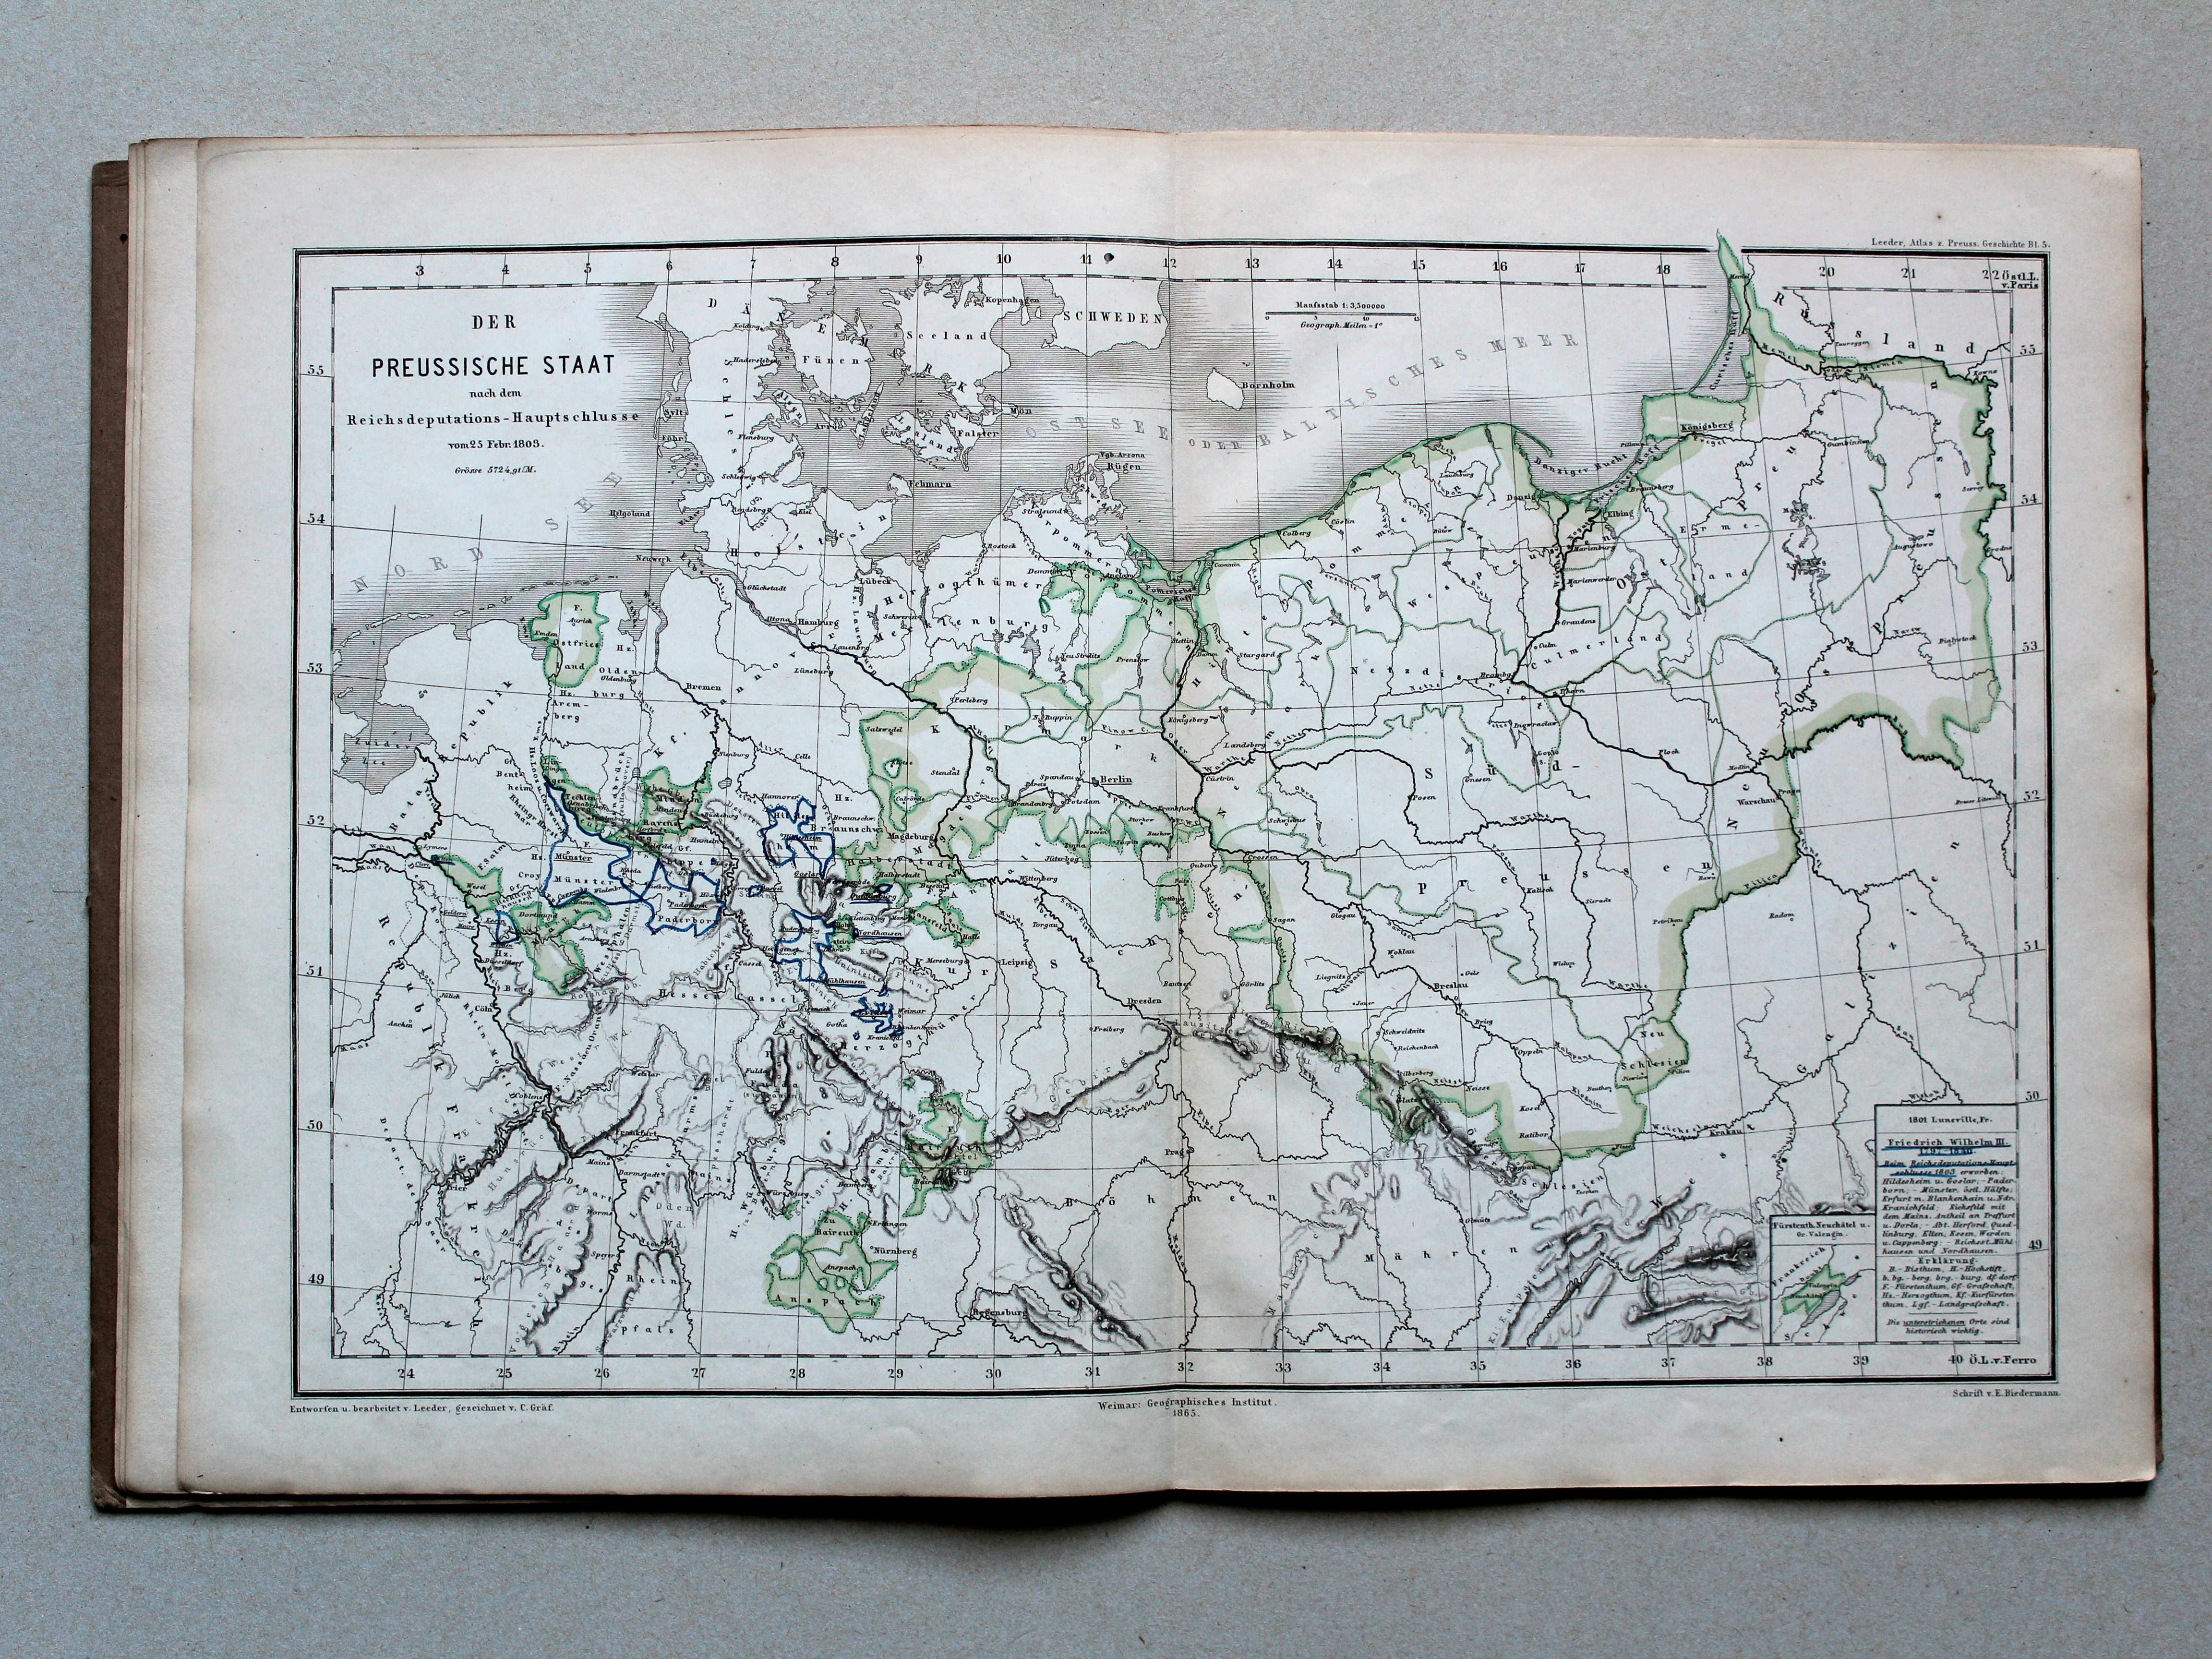 p atlas zur geschichte des preussischen staates 1e druk 1866. Black Bedroom Furniture Sets. Home Design Ideas